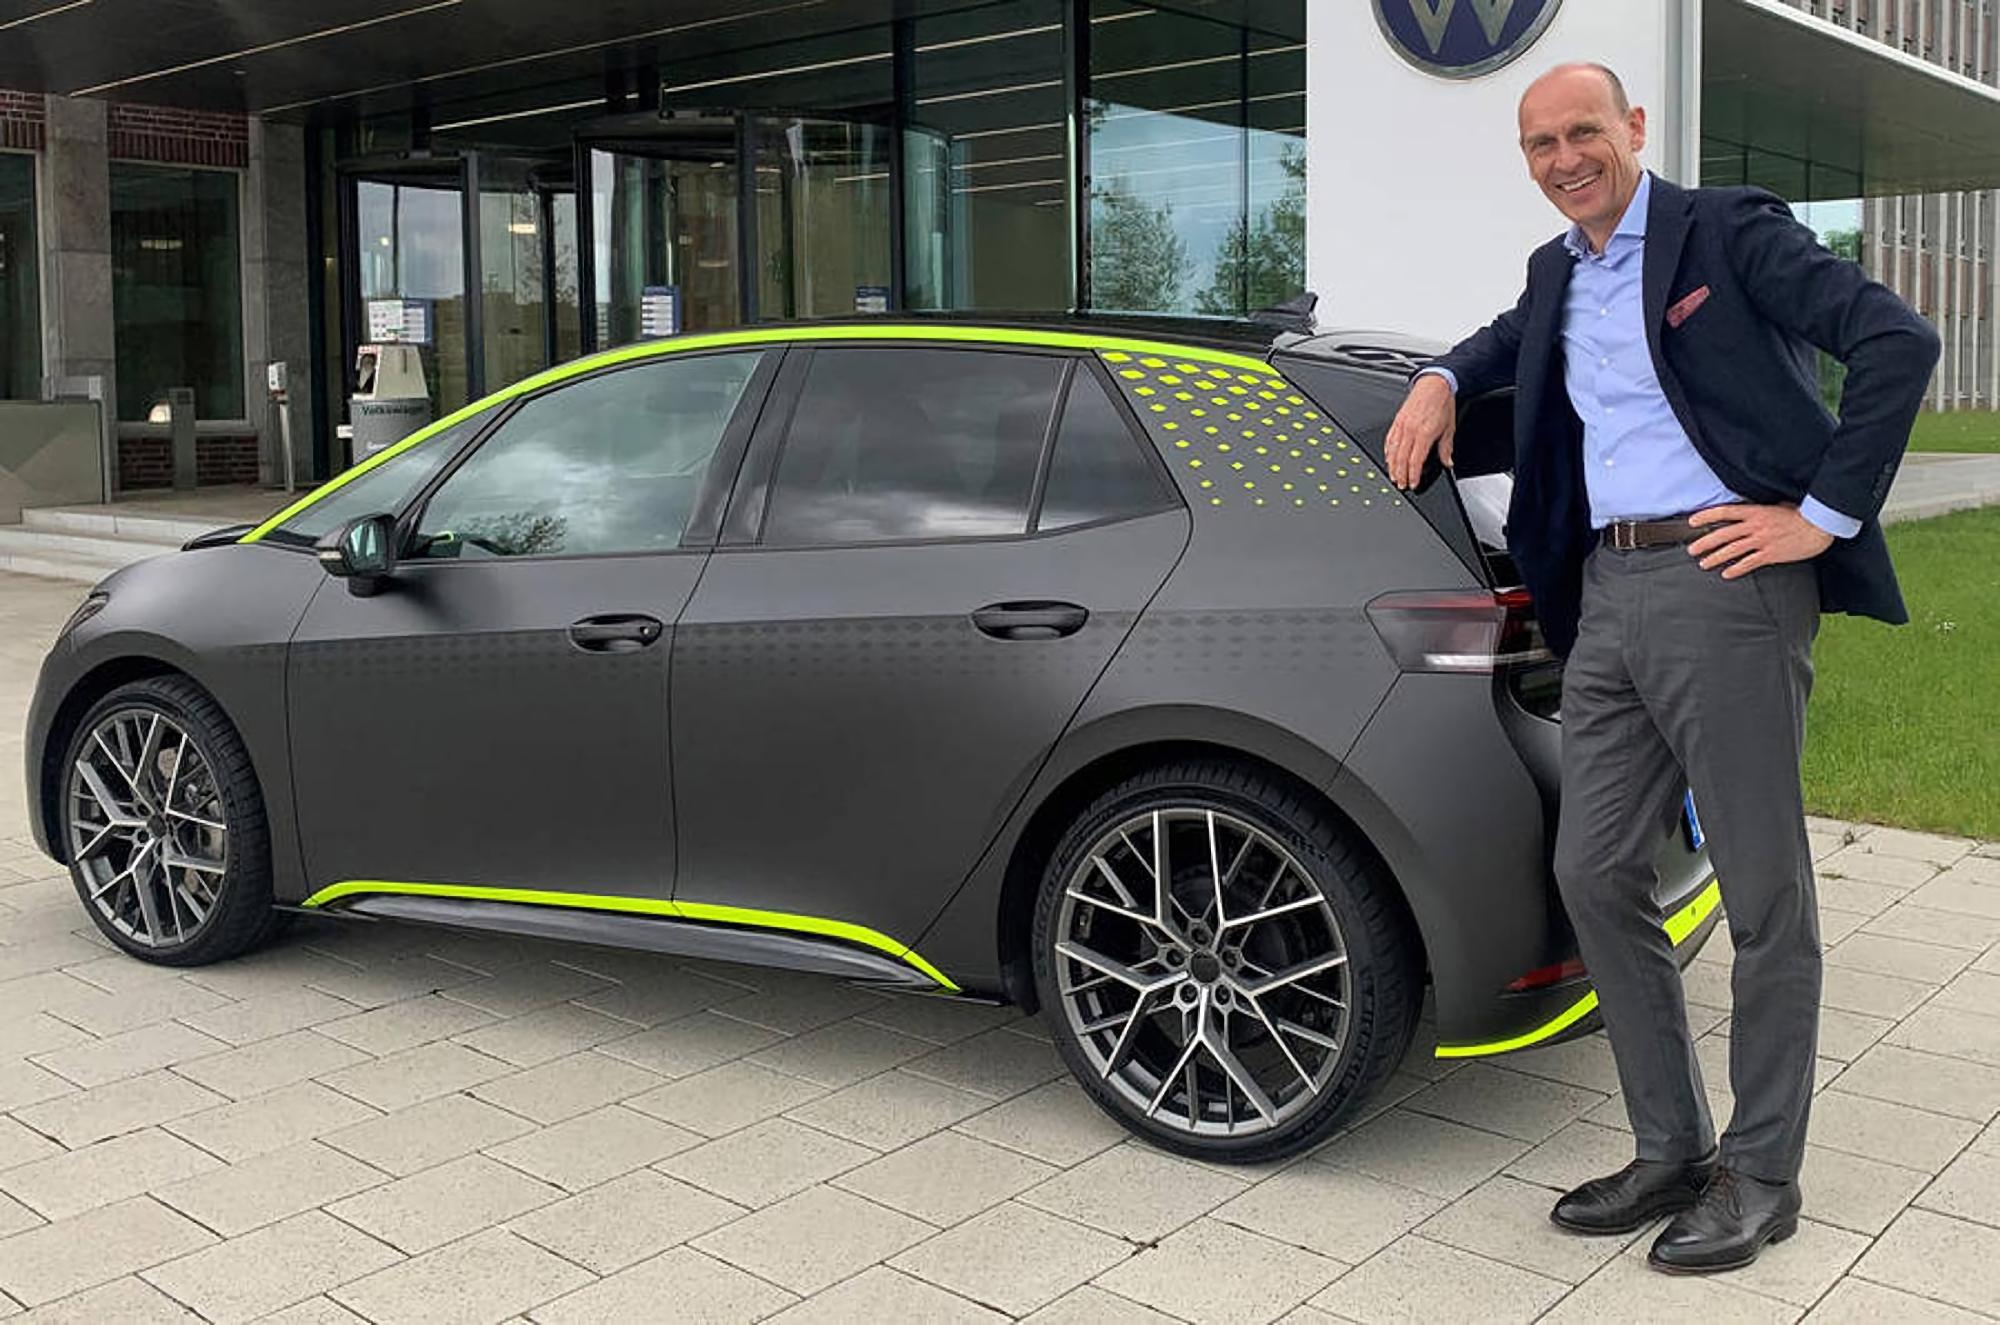 Volkswagen представила ID.X: заряженная версия электрокара ID.3 с полным приводом, разгоном до сотни за 5.3 сек и режимом для дрифта, как у Golf R